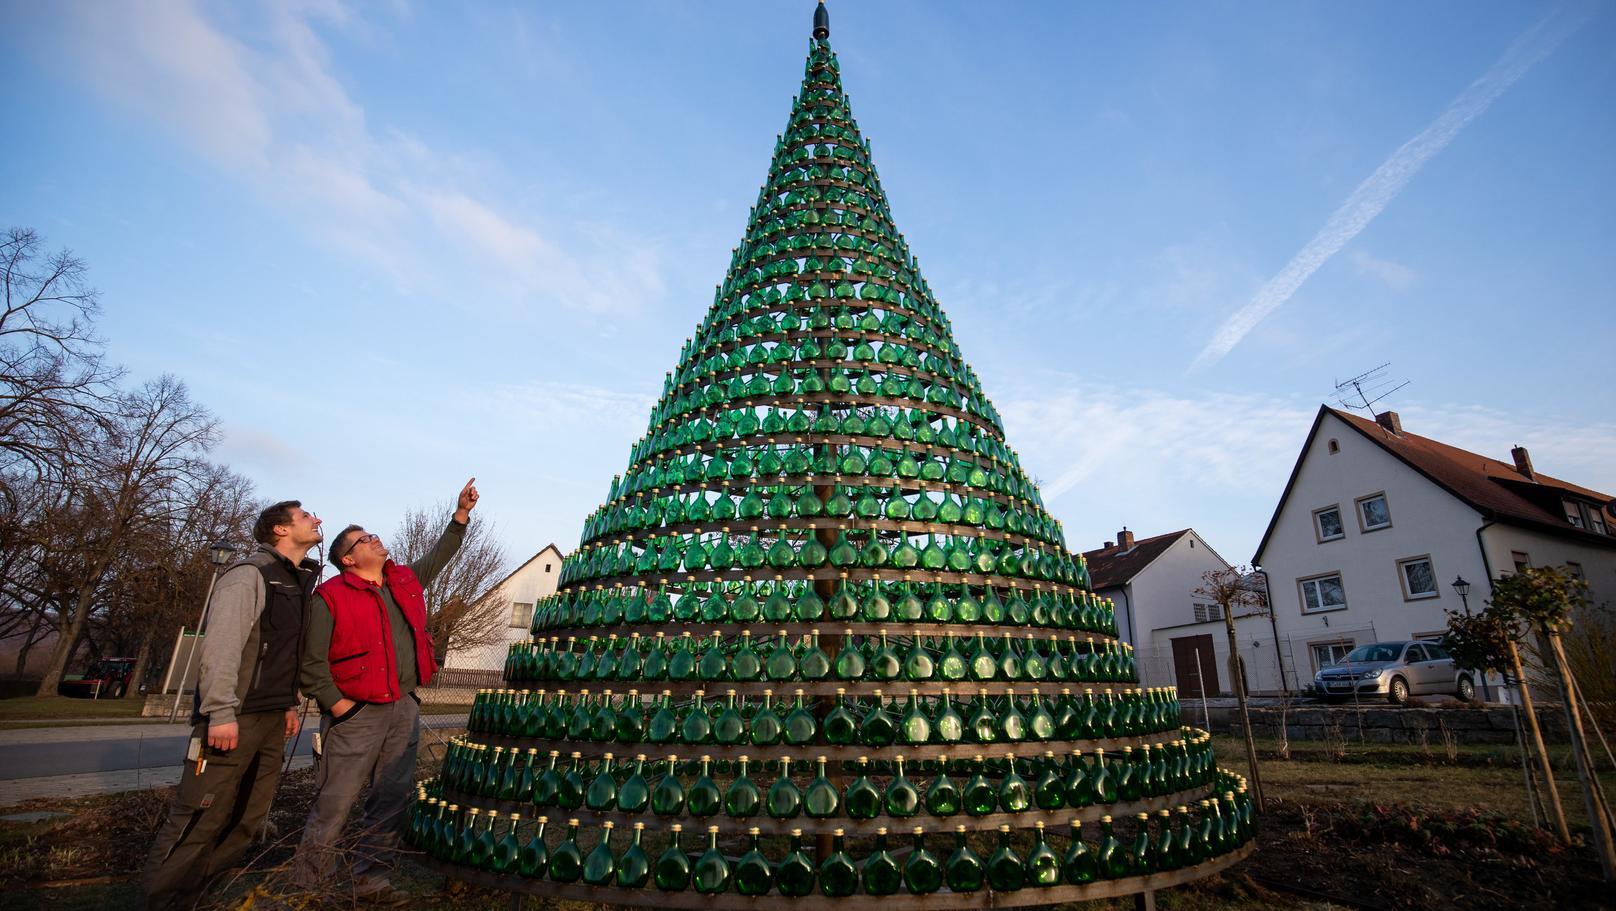 Bis Wann Bleibt Der Weihnachtsbaum Stehen.Weinort Nordheim Am Main Schenkt Sich Bocksbeutel Weihnachtsbaum Br24